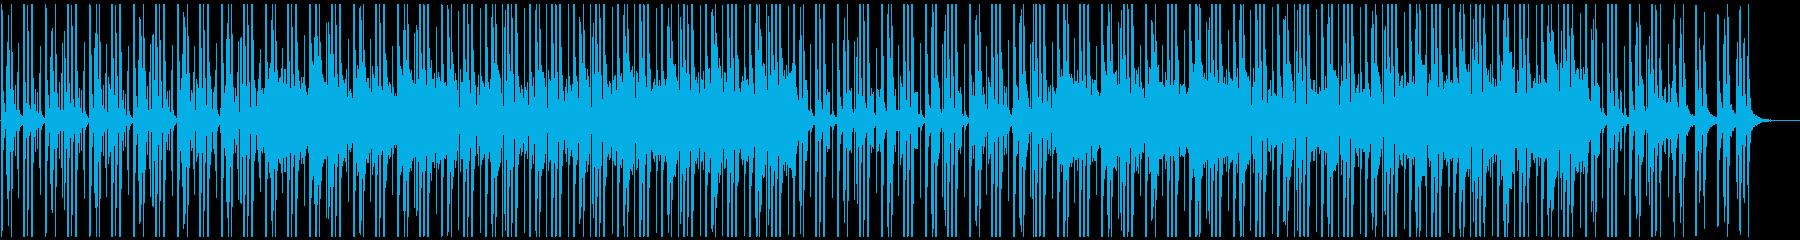 明るい楽しいシンセとピアノの爽やかBGMの再生済みの波形